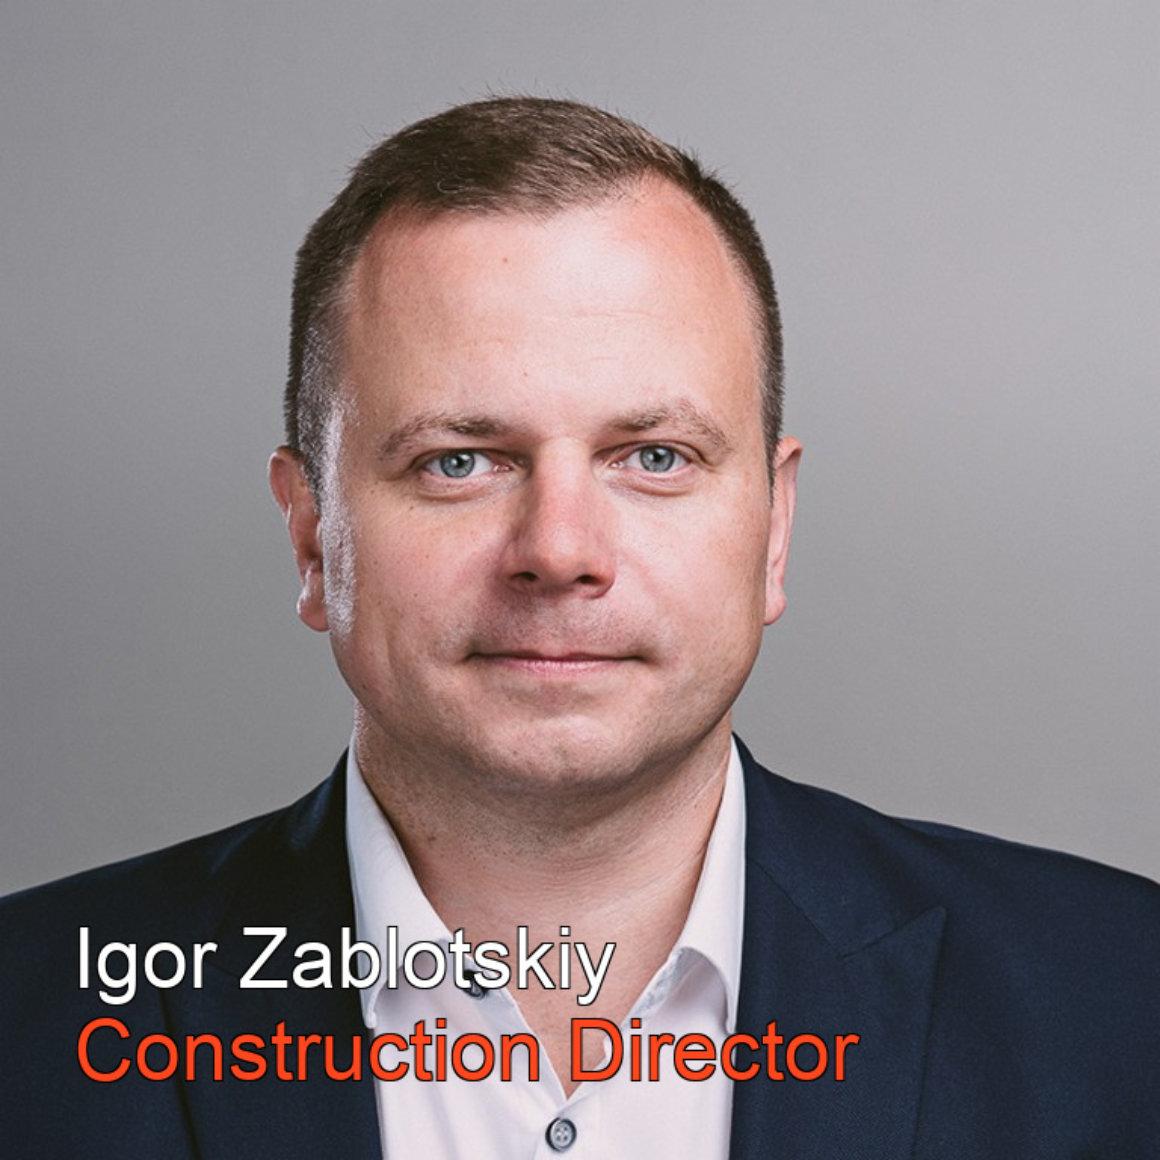 Igor Zabolotskiy BW